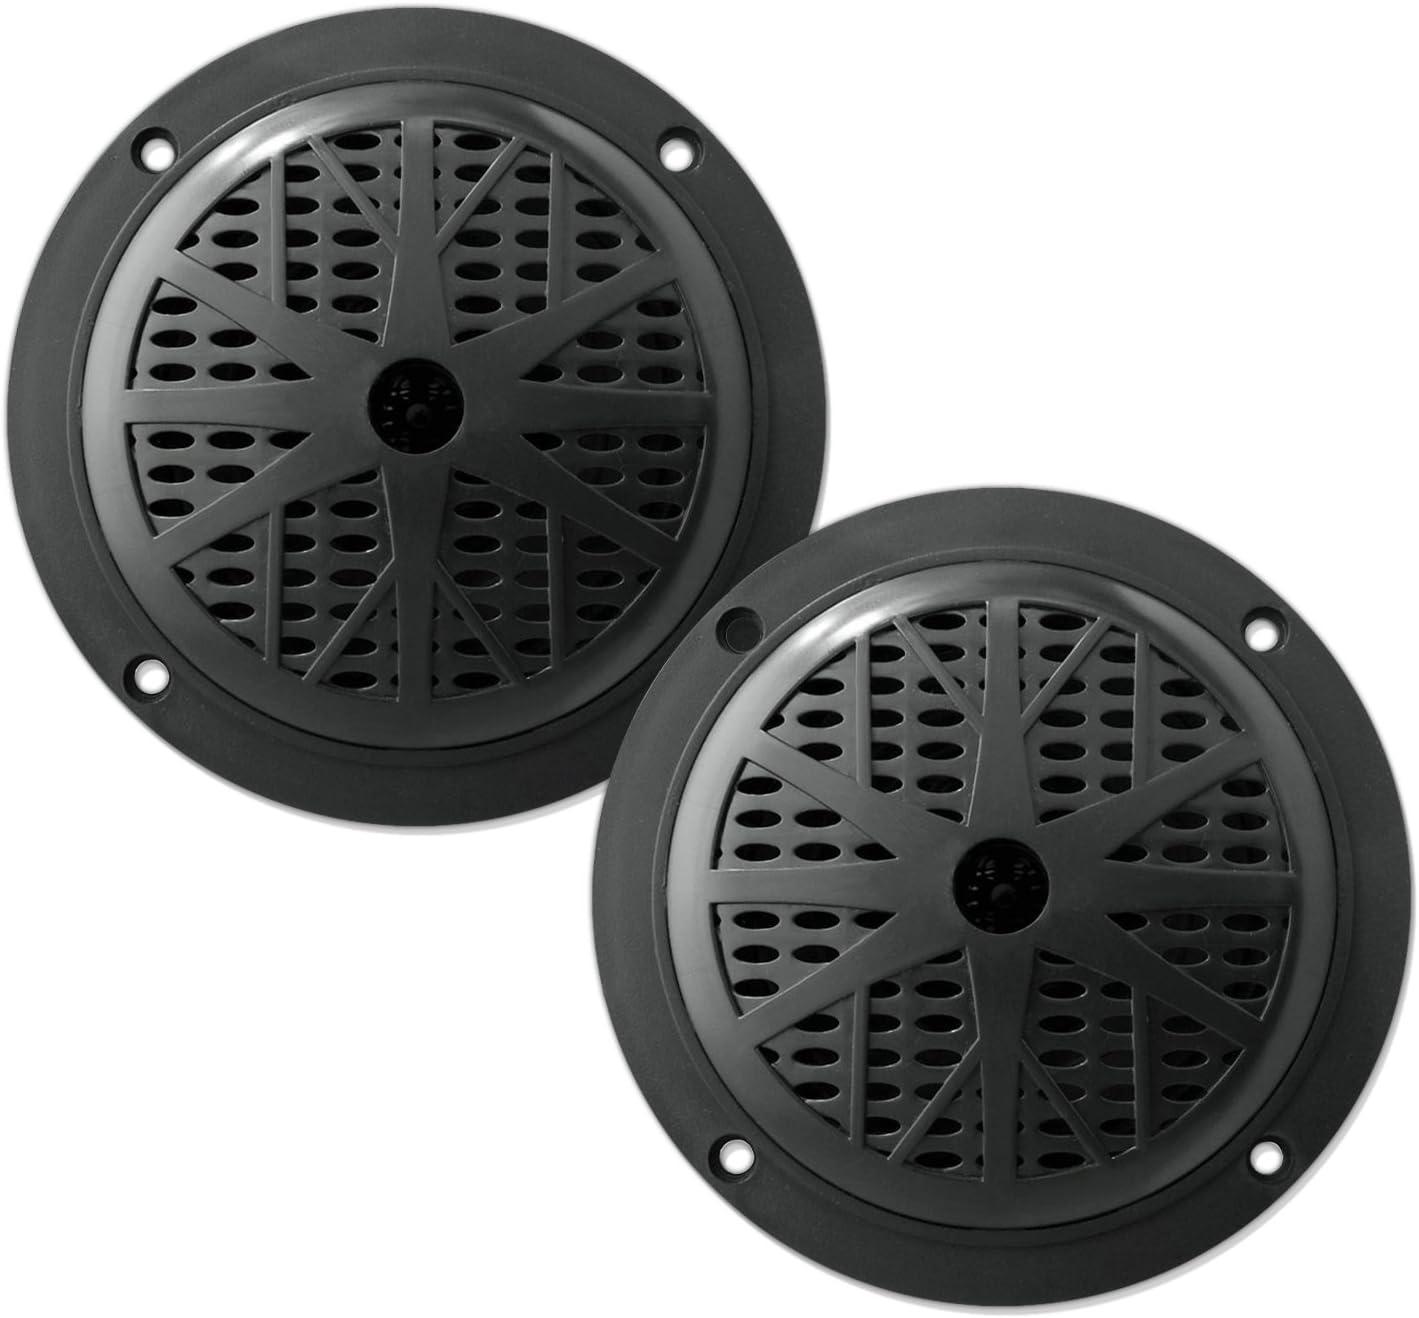 5.25 Inch Dual Marine Speakers - 2 Way Waterproof and Weather Resistant